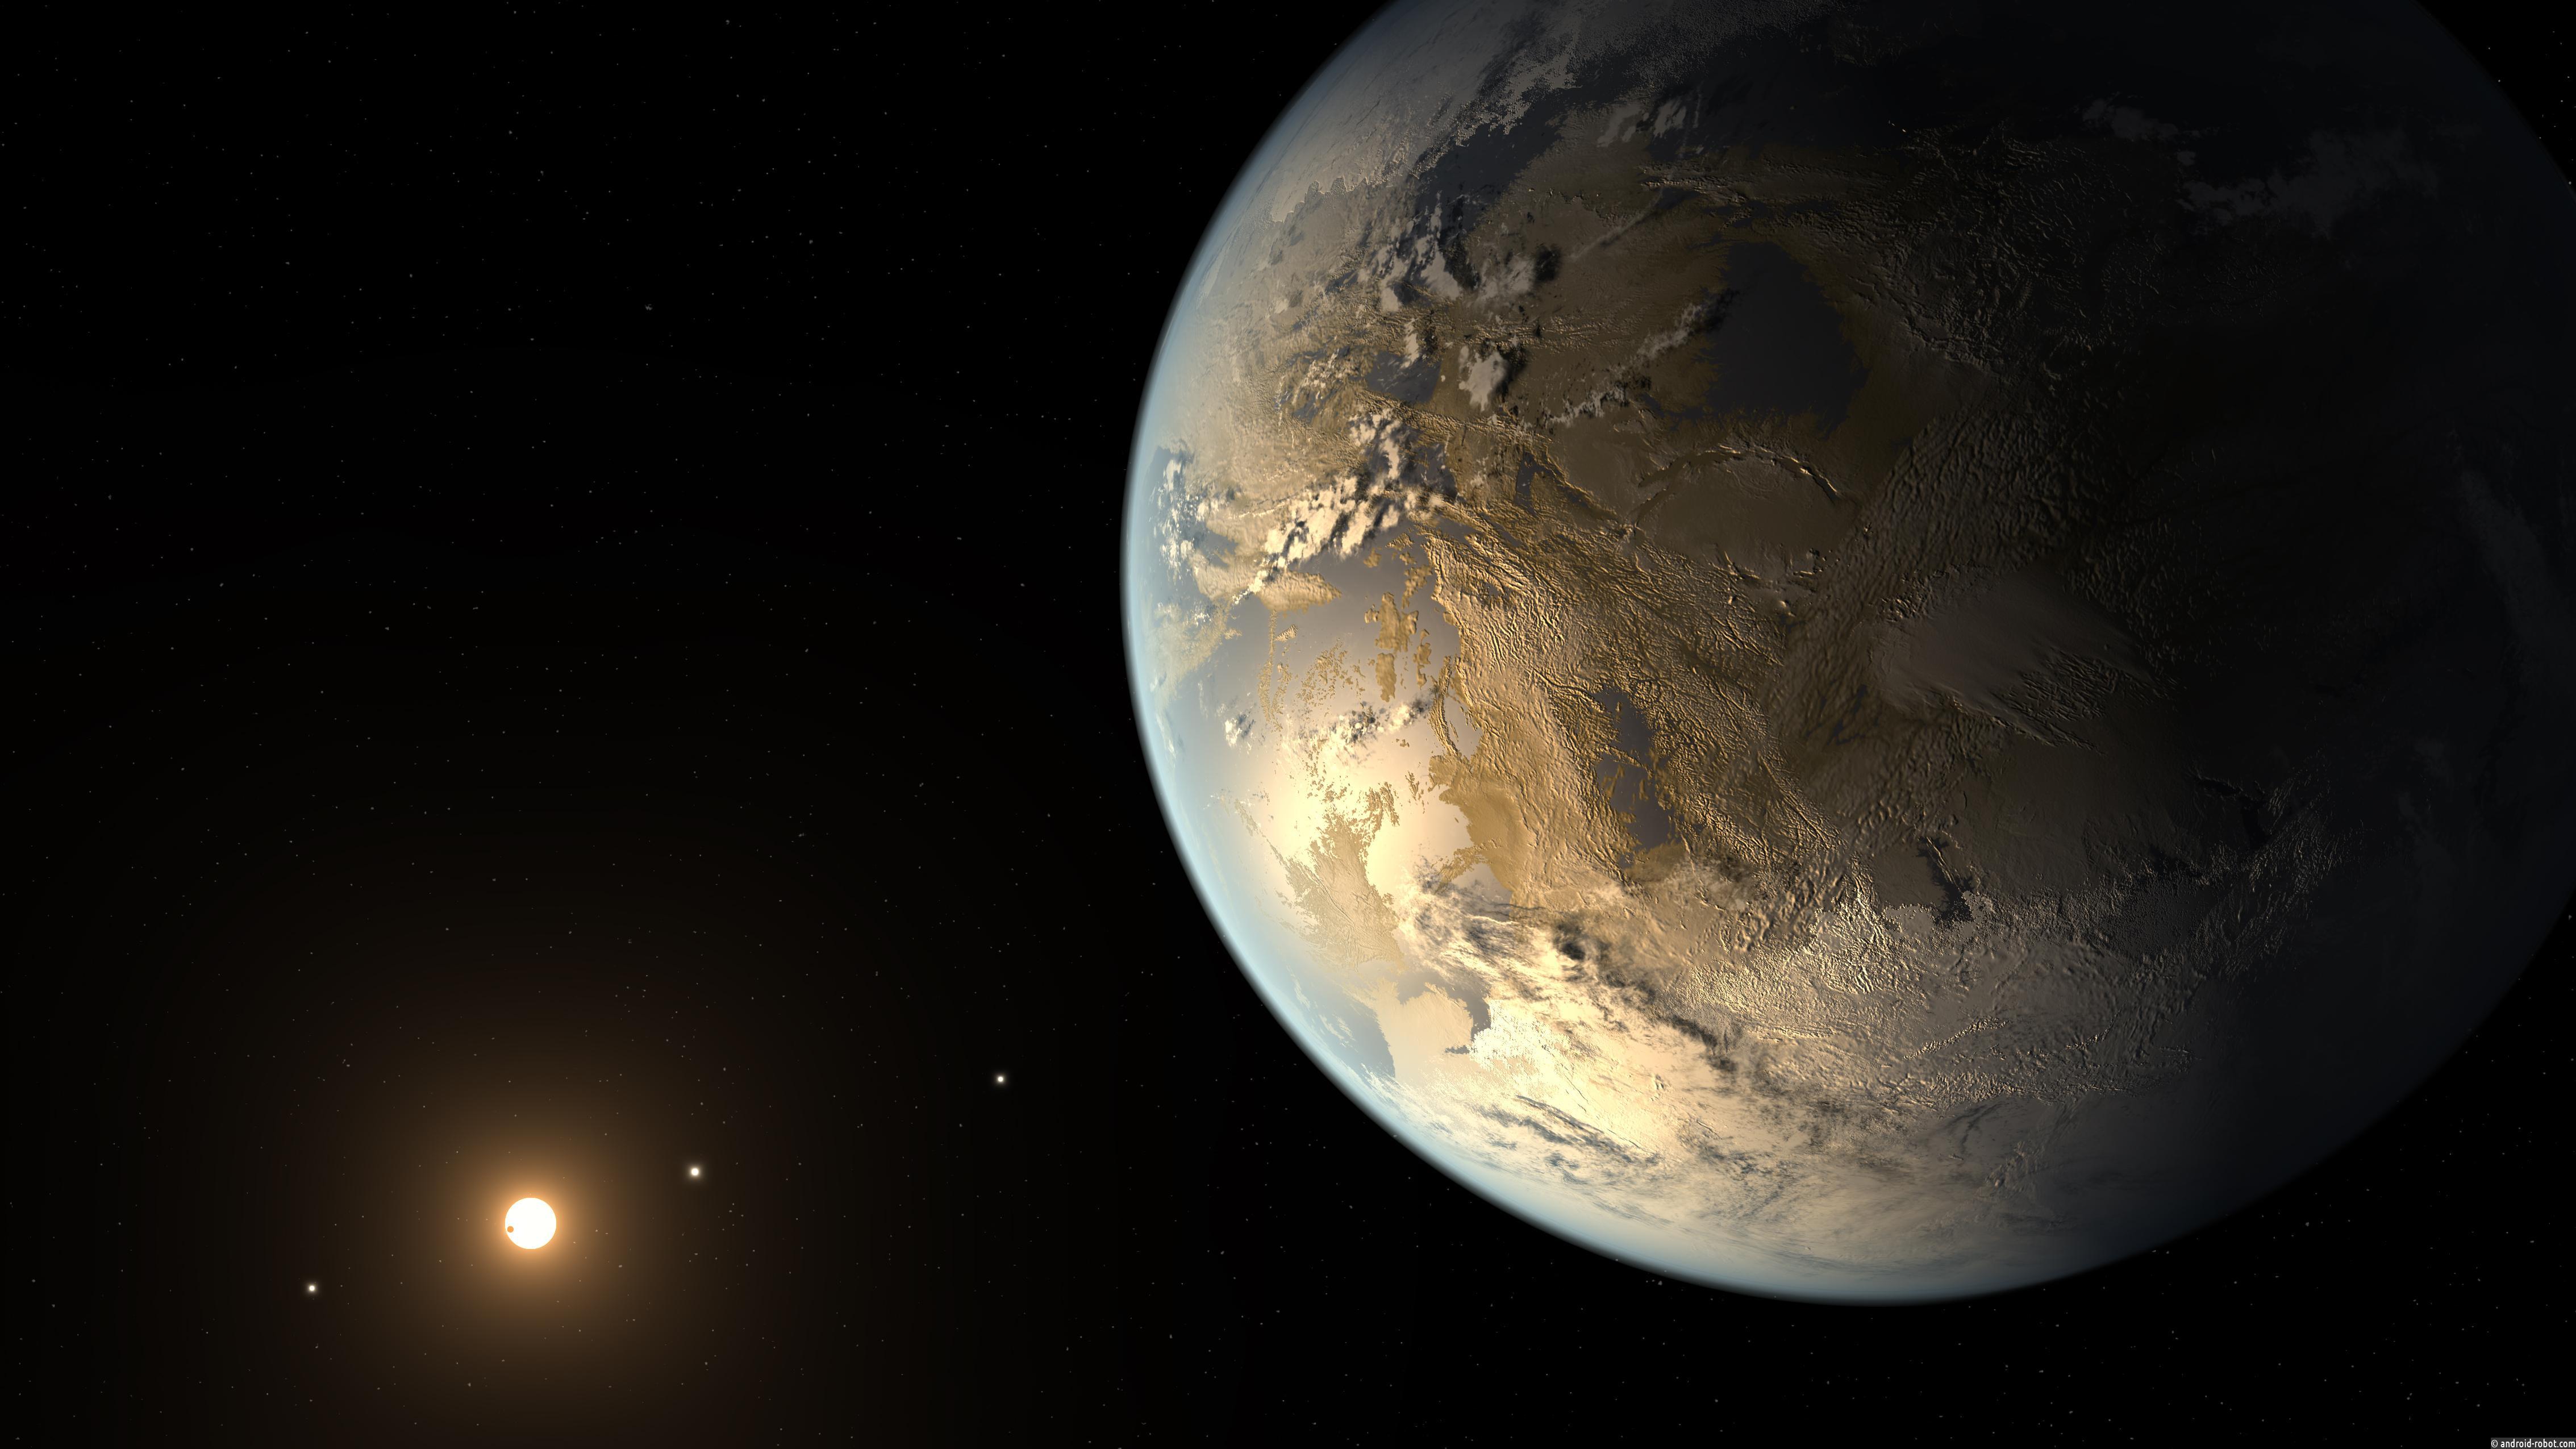 НаВенере могла жить жизнь при определенных условиях— Астрономы